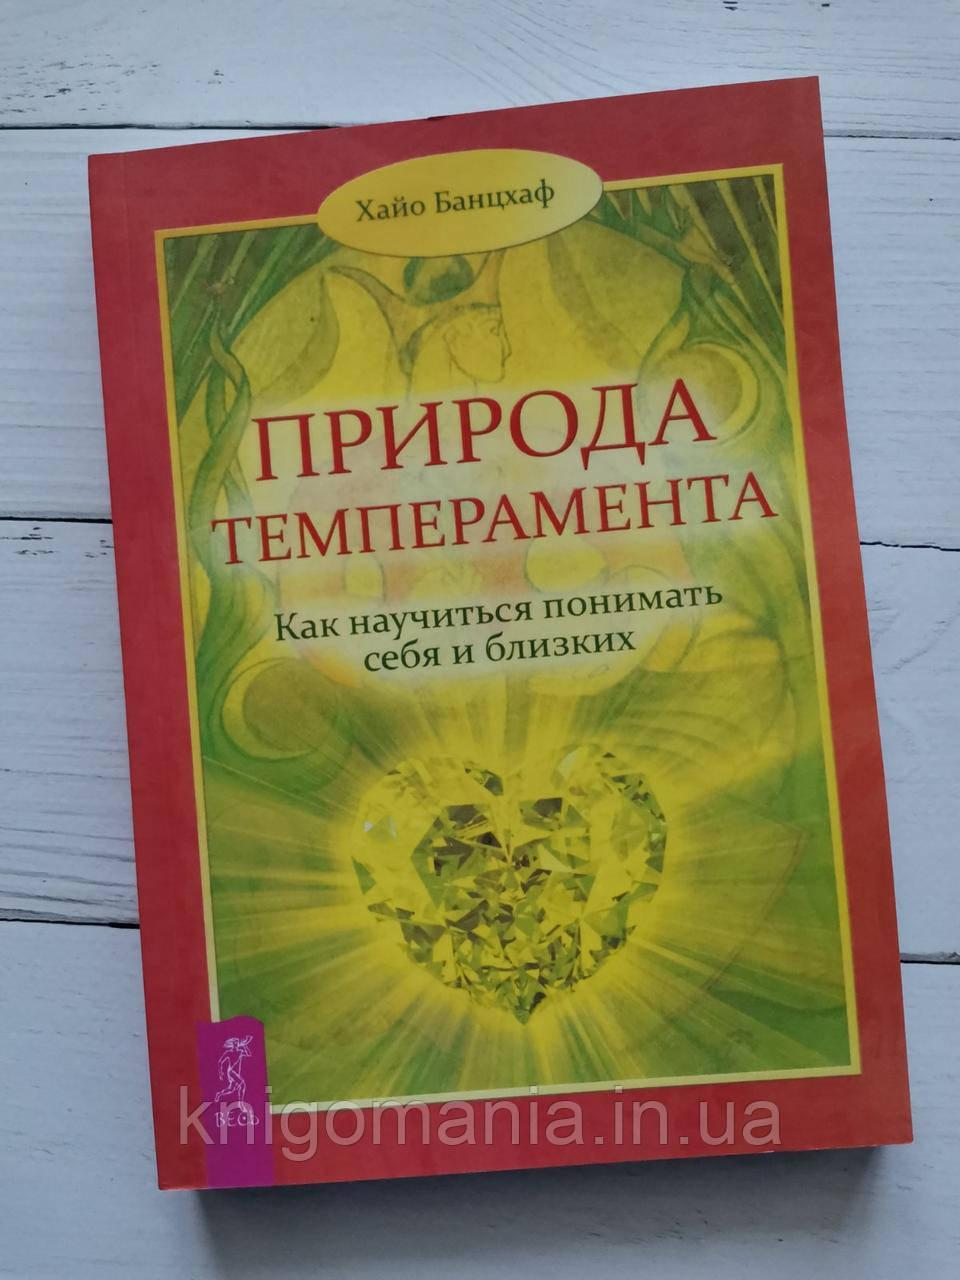 """""""Природа темперамента. Как научиться понимать себя и близких"""" Хайо Банцхаф"""